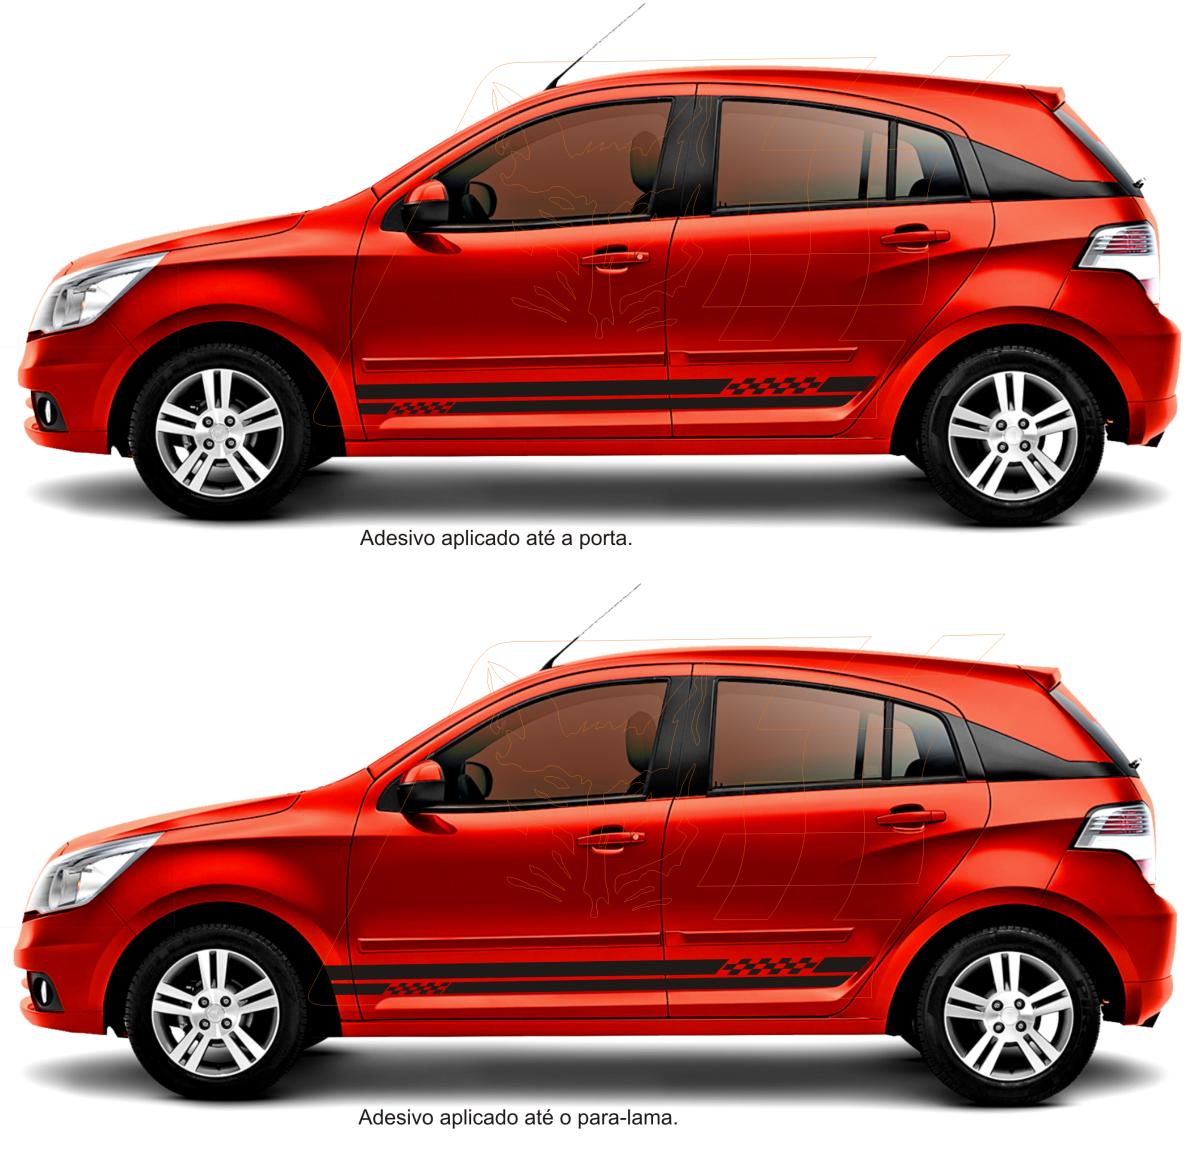 Adesivos esportivos Tuning para carros GM Agile LT LTZ e Cobalt aplicado  até a porta ( 1d24a006919c5